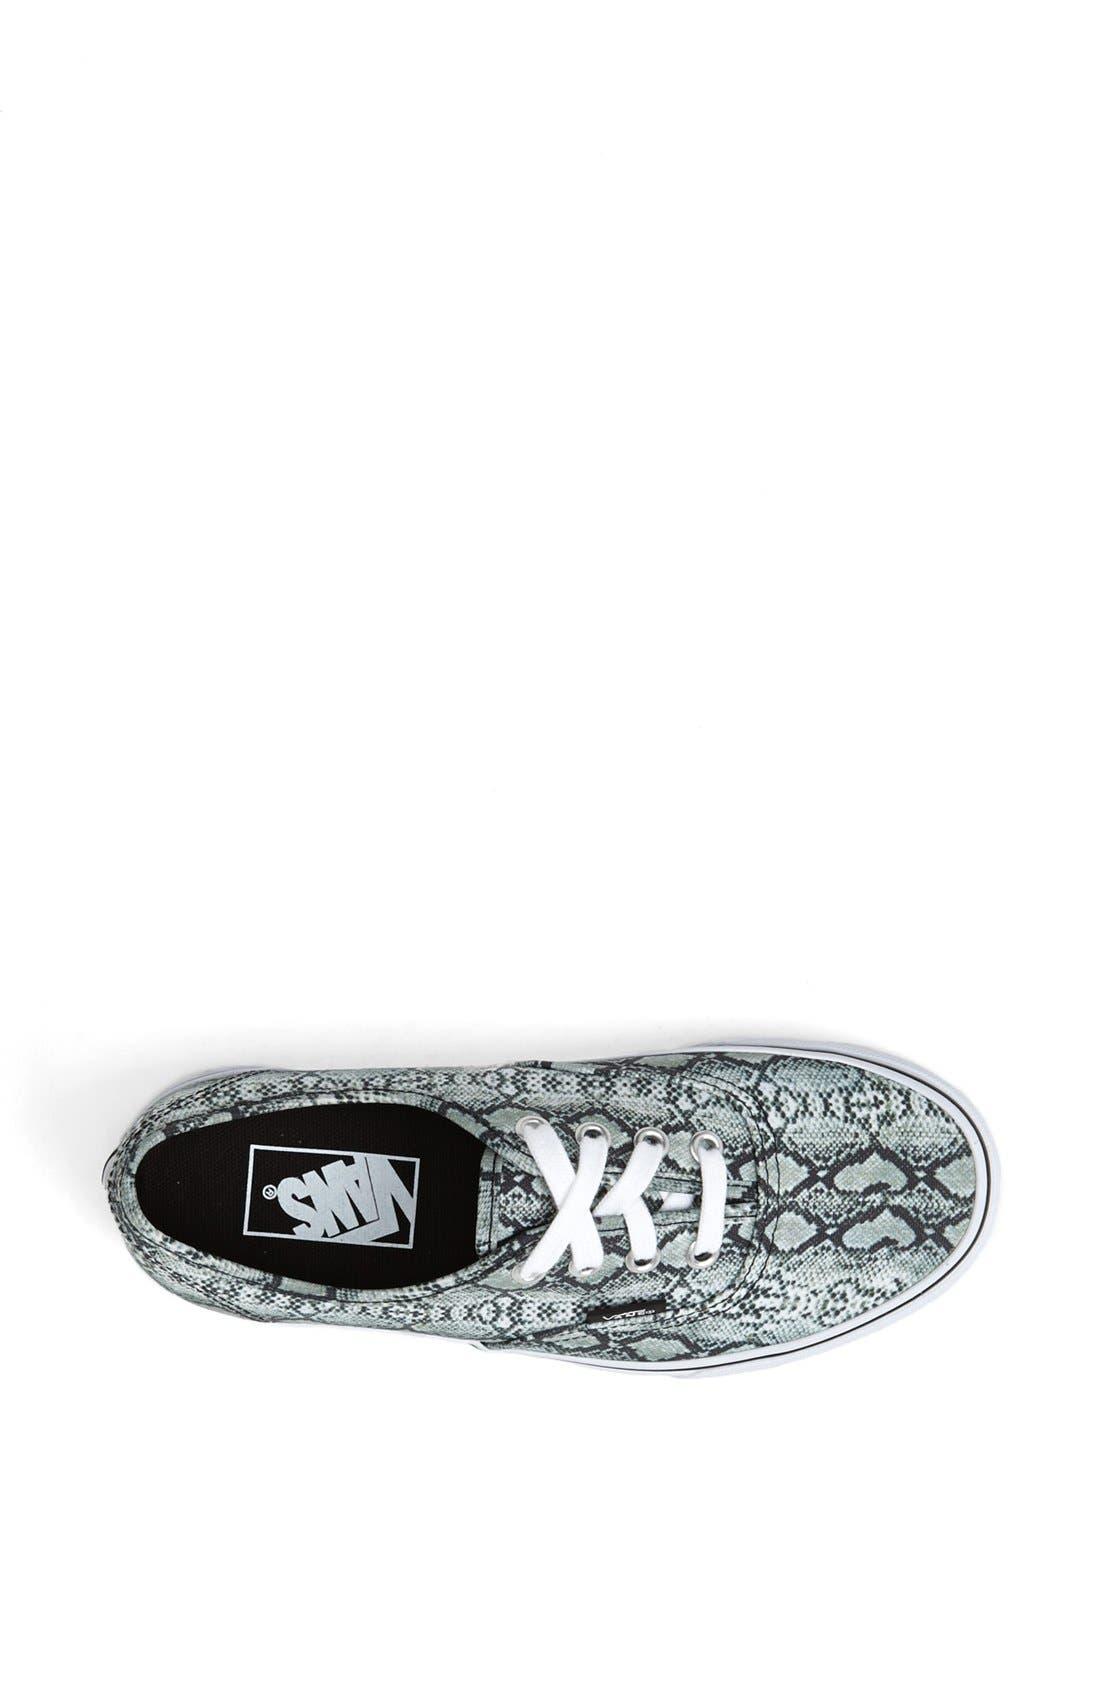 Alternate Image 3  - Vans 'Authentic - Snake Print' Sneaker (Women)